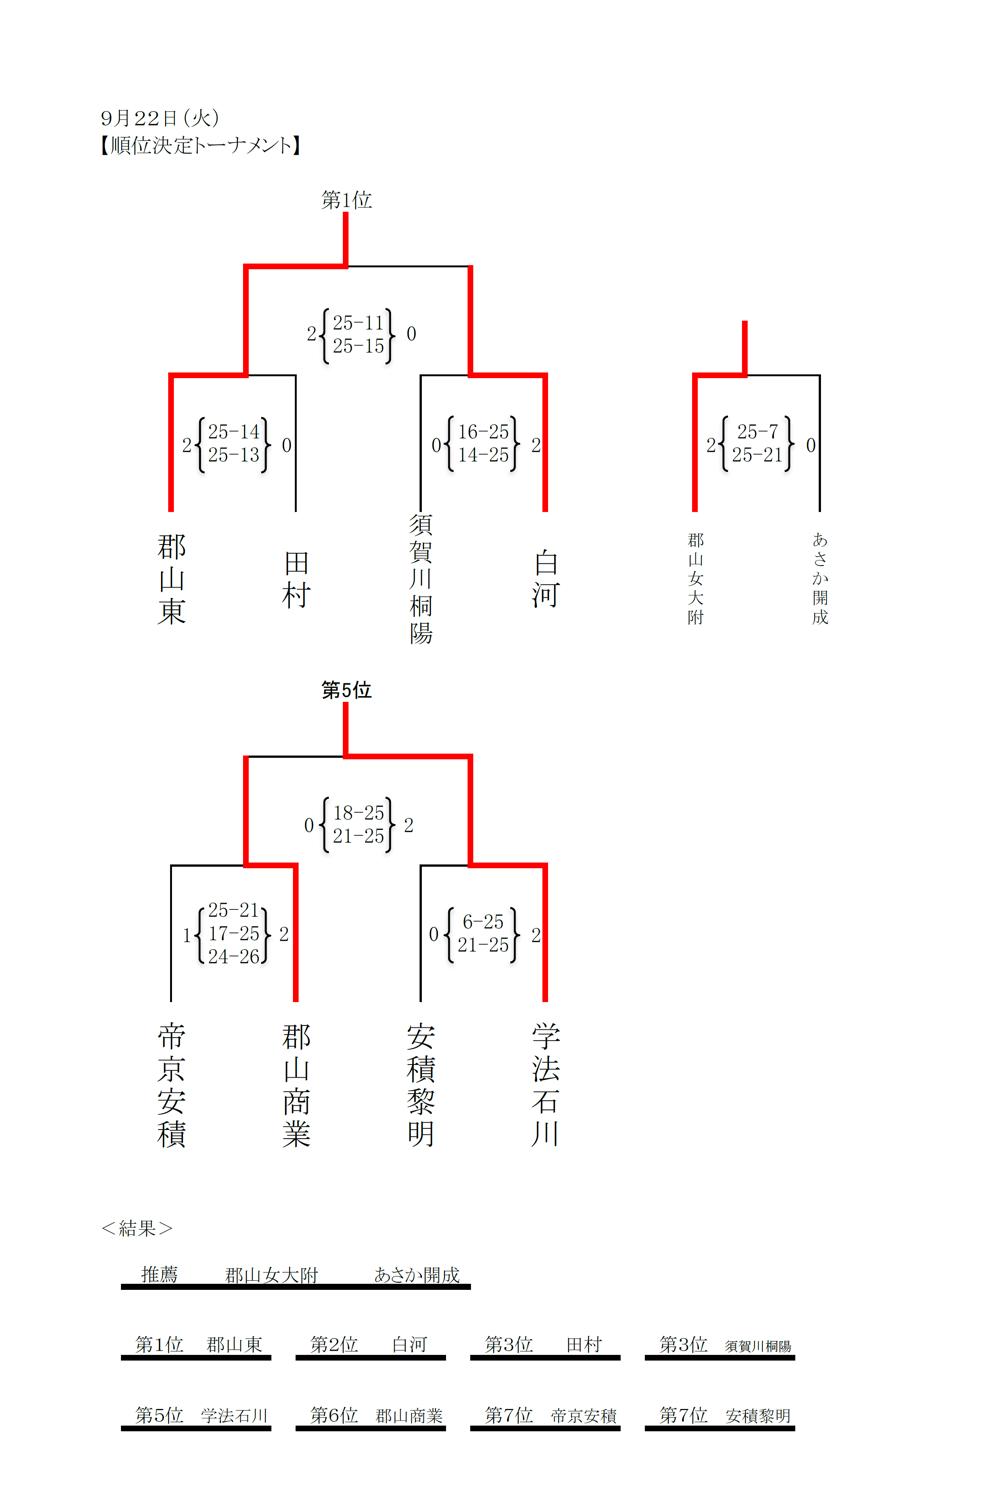 2020年度_全日本高校選手権_福島予選_県南地区_女子_結果2_訂正版